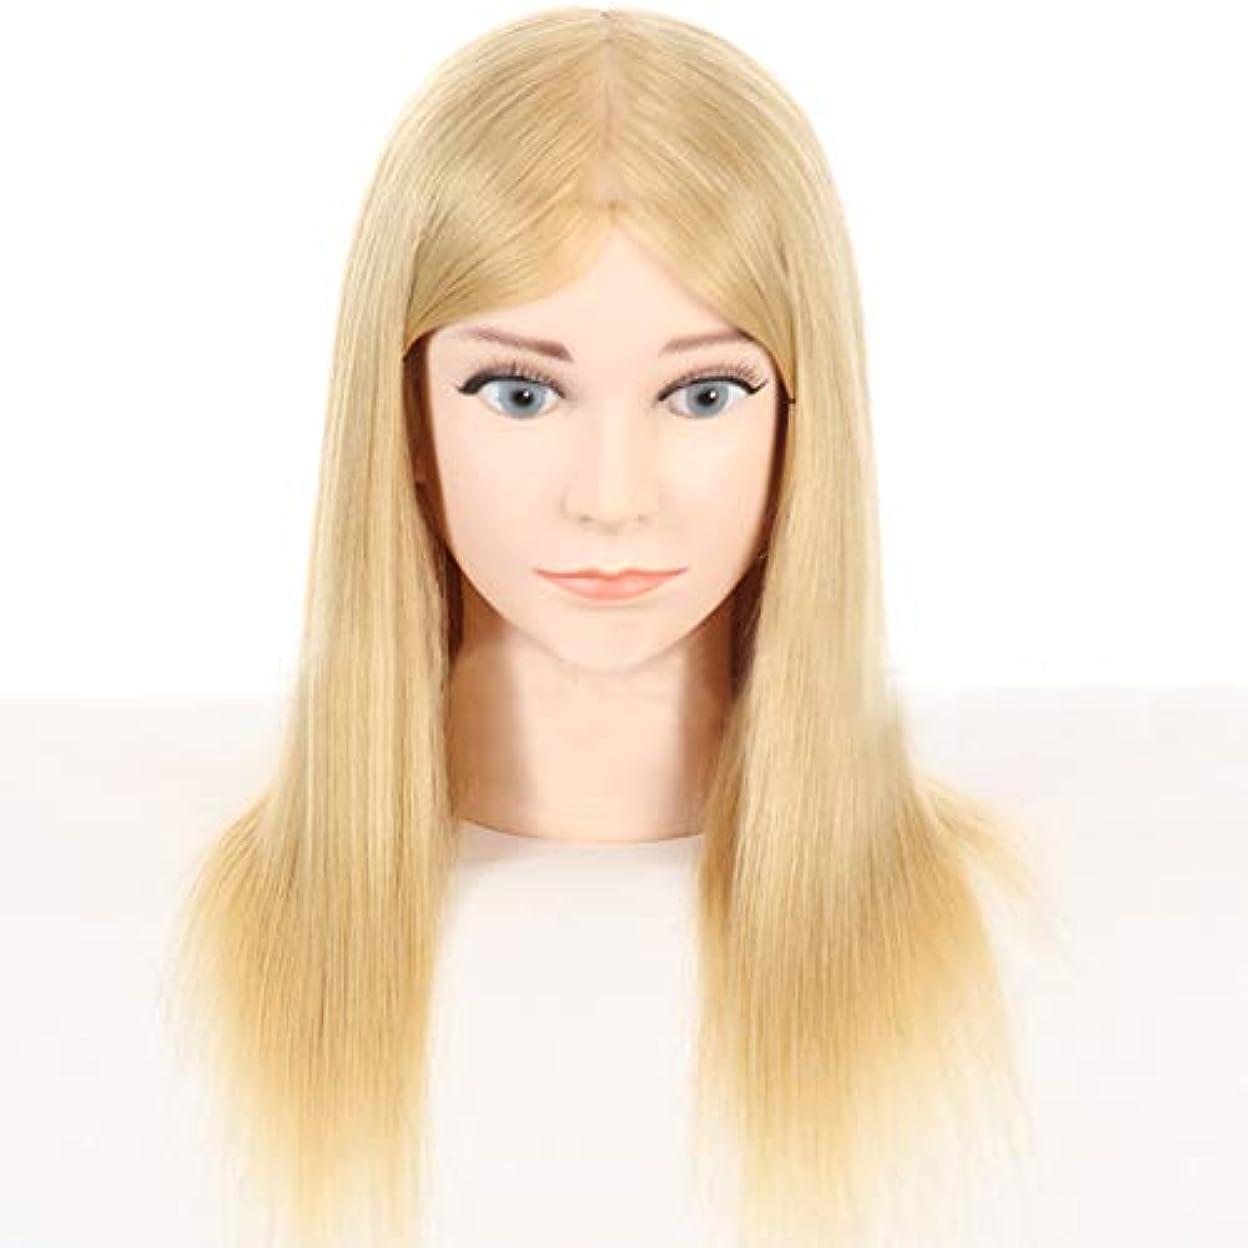 底観察セットアップ本物の人間の髪のかつらの頭の金型の理髪の髪型のスタイリングマネキンの頭の理髪店の練習の練習ダミーヘッド